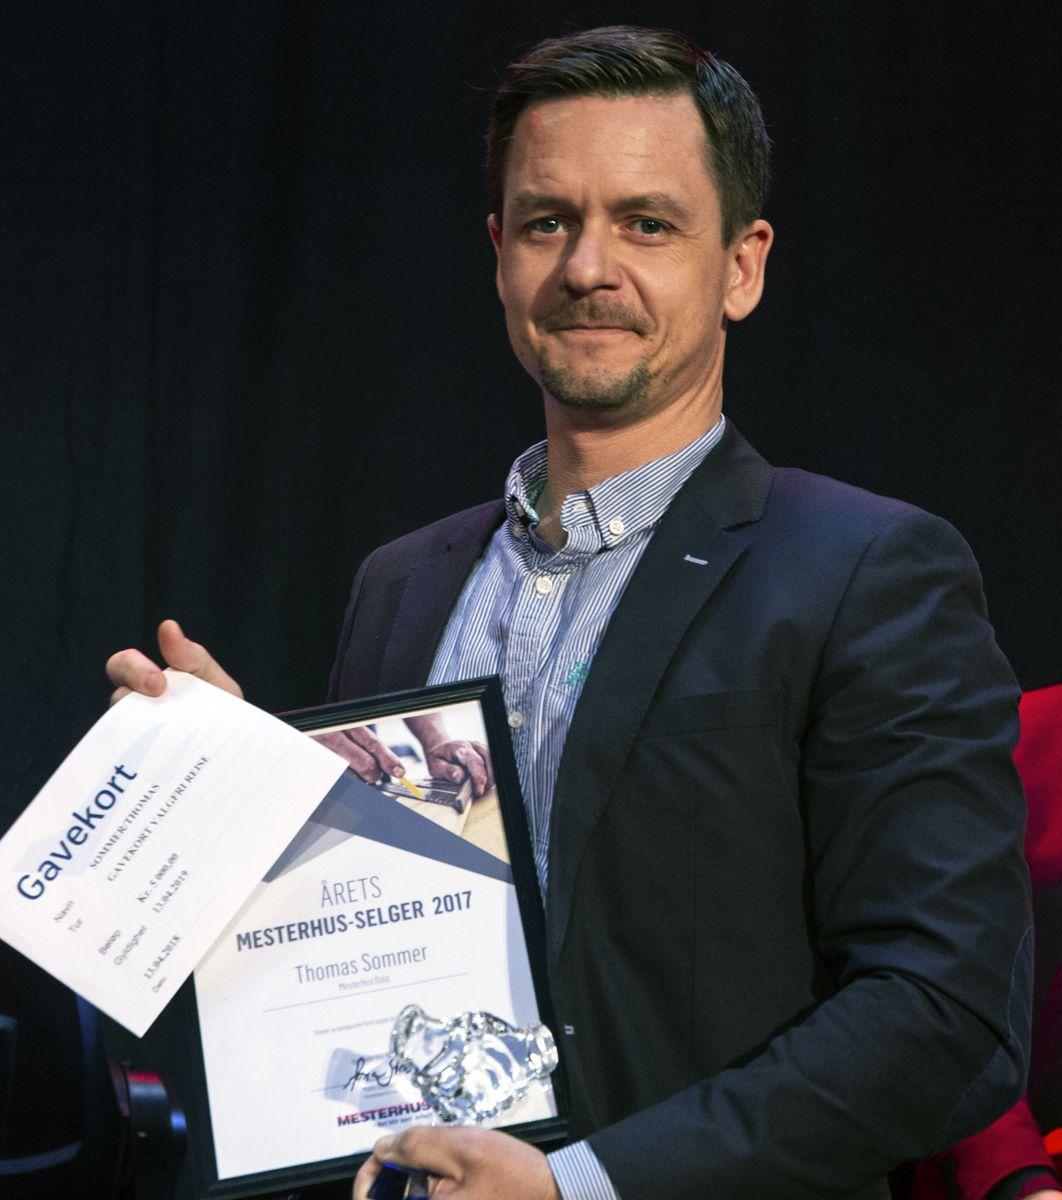 Thomas Sommer, fra Mesterhus Oslo, vant prisen for årets selger EAT.